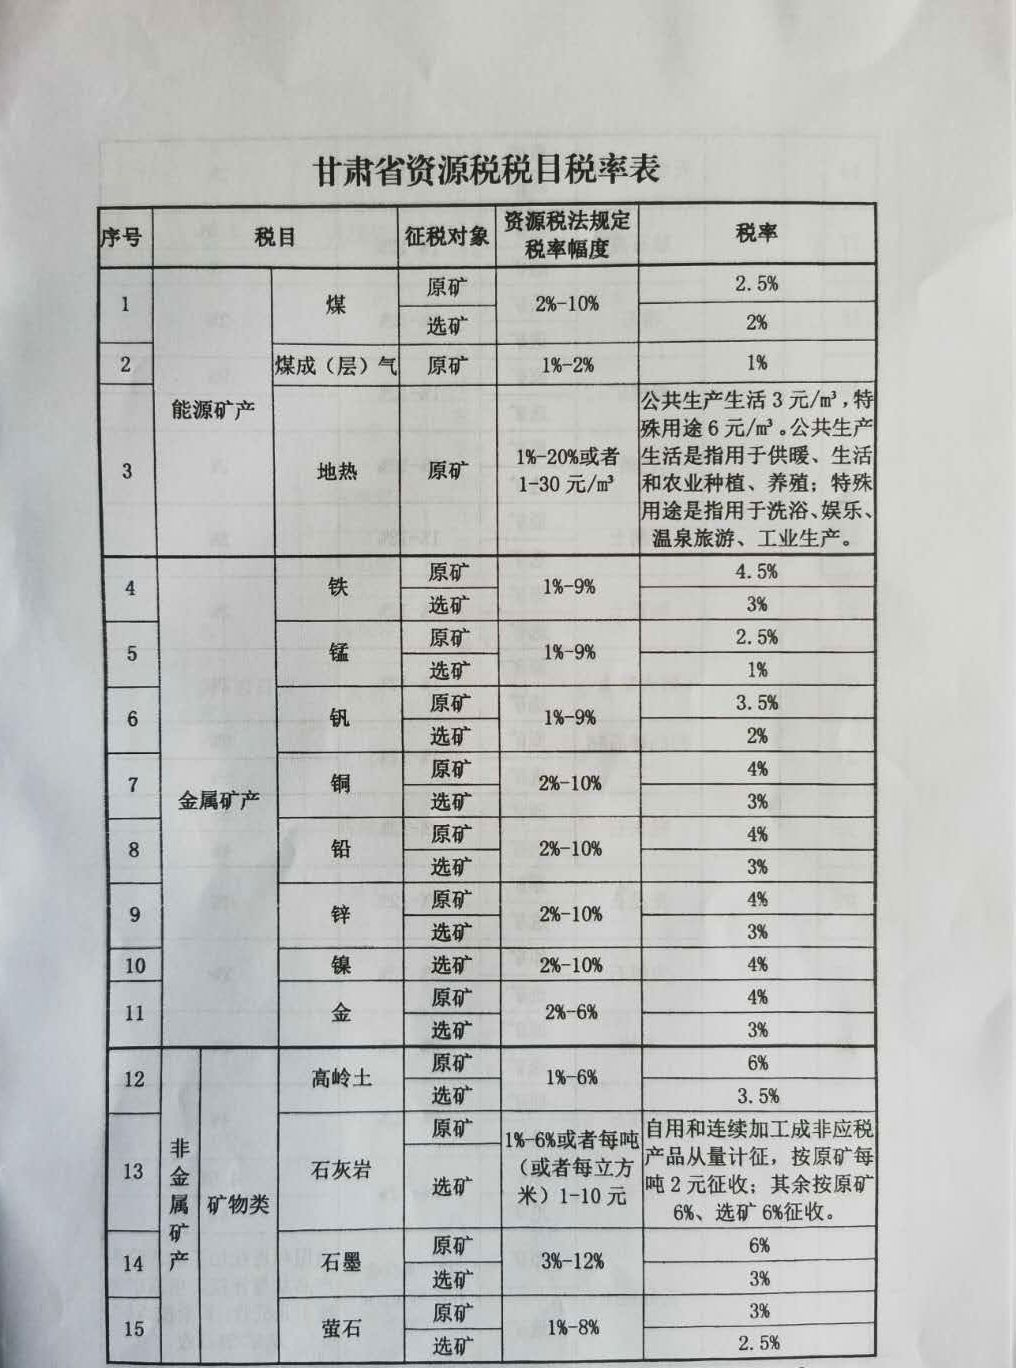 甘肃省资源税税目税率表